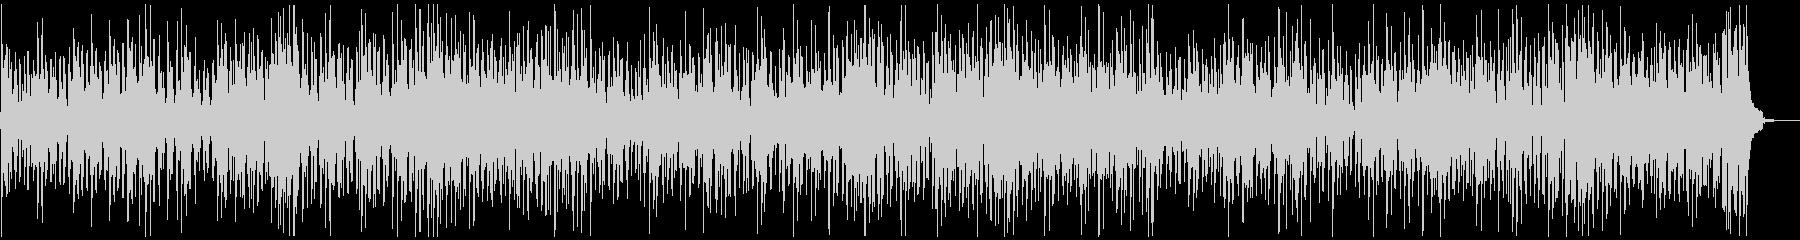 ウクレレが軽快なBGMの未再生の波形